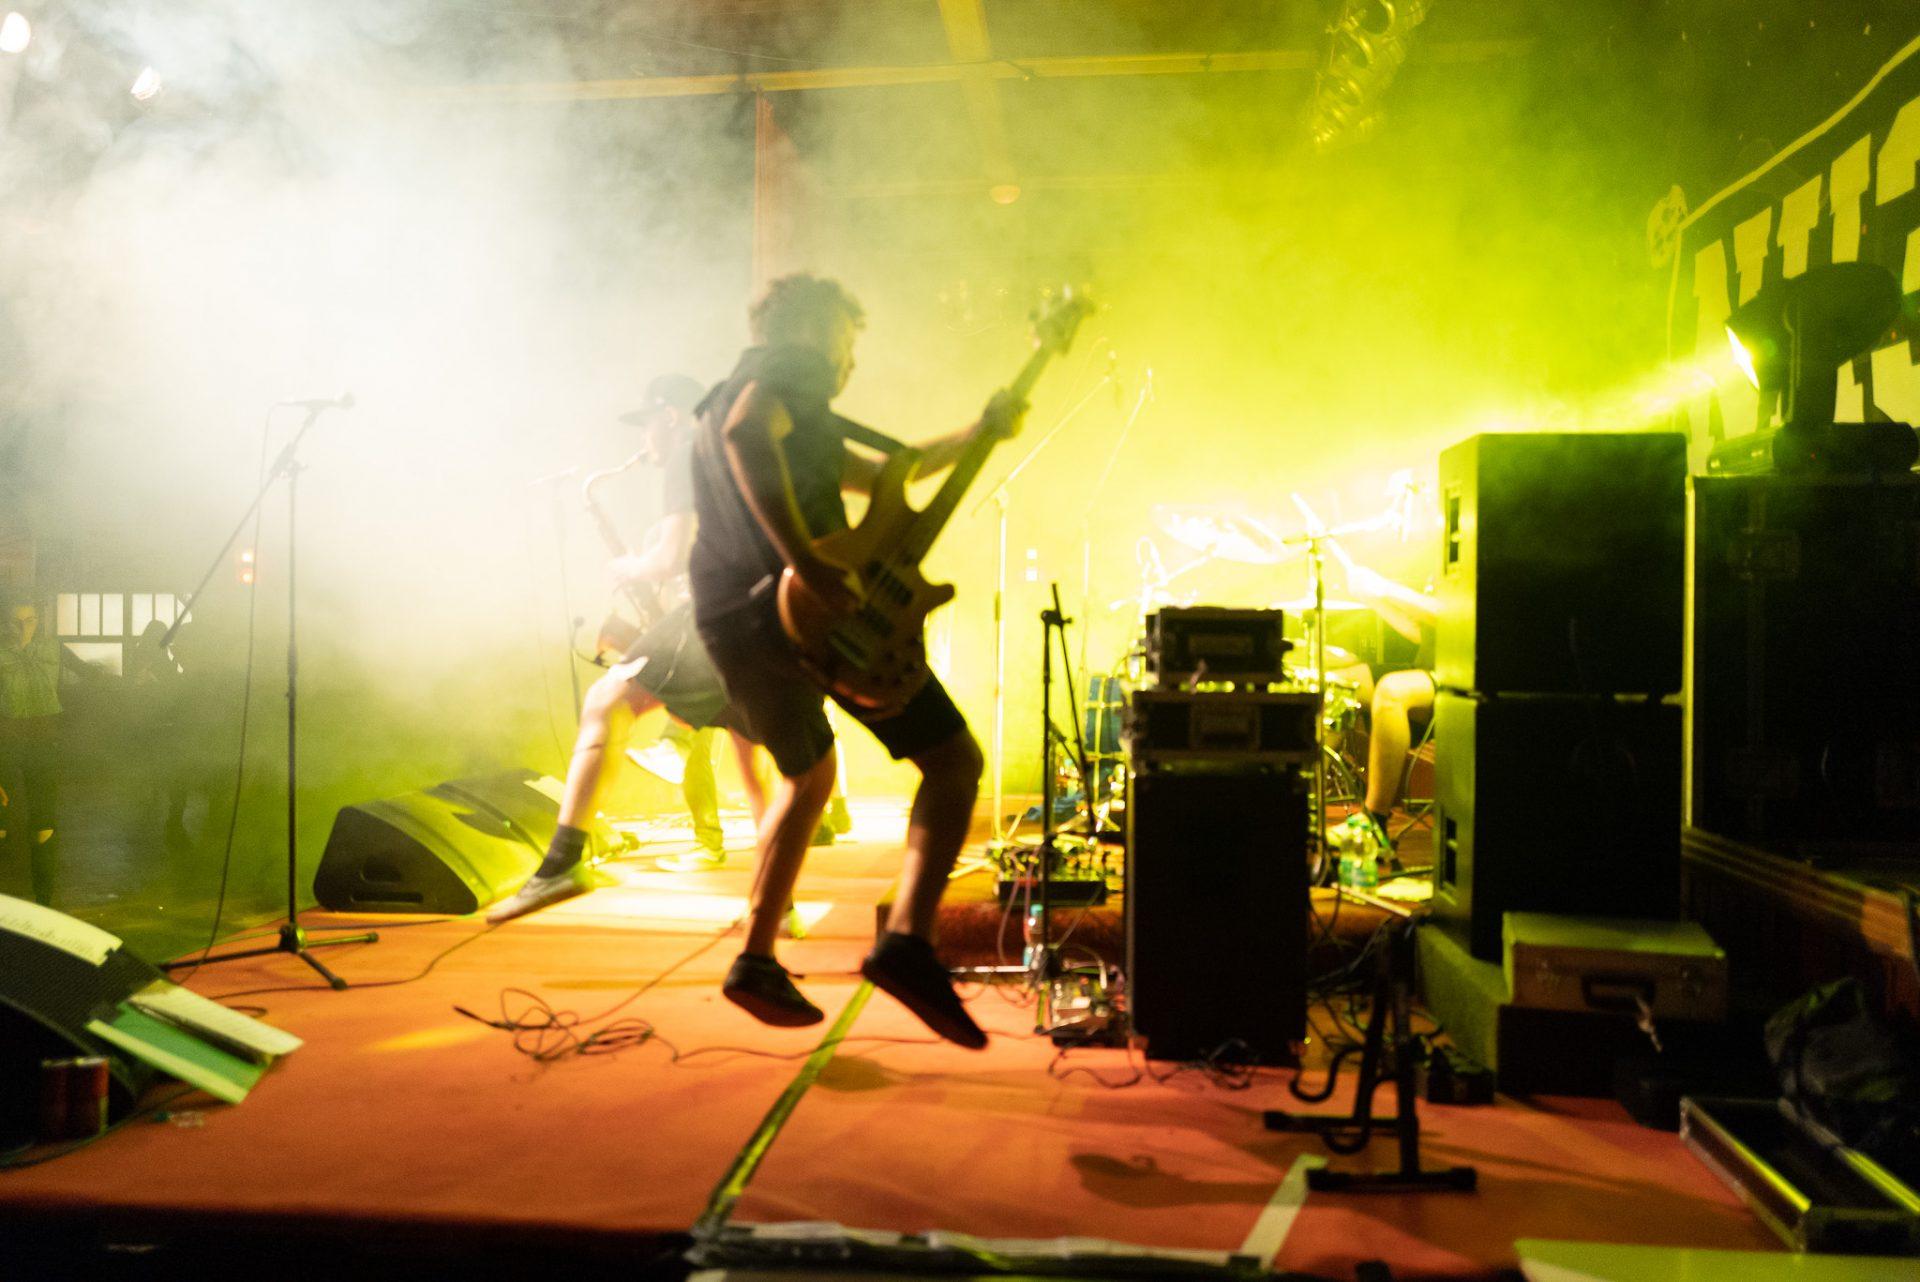 NH3 - Bassist springt